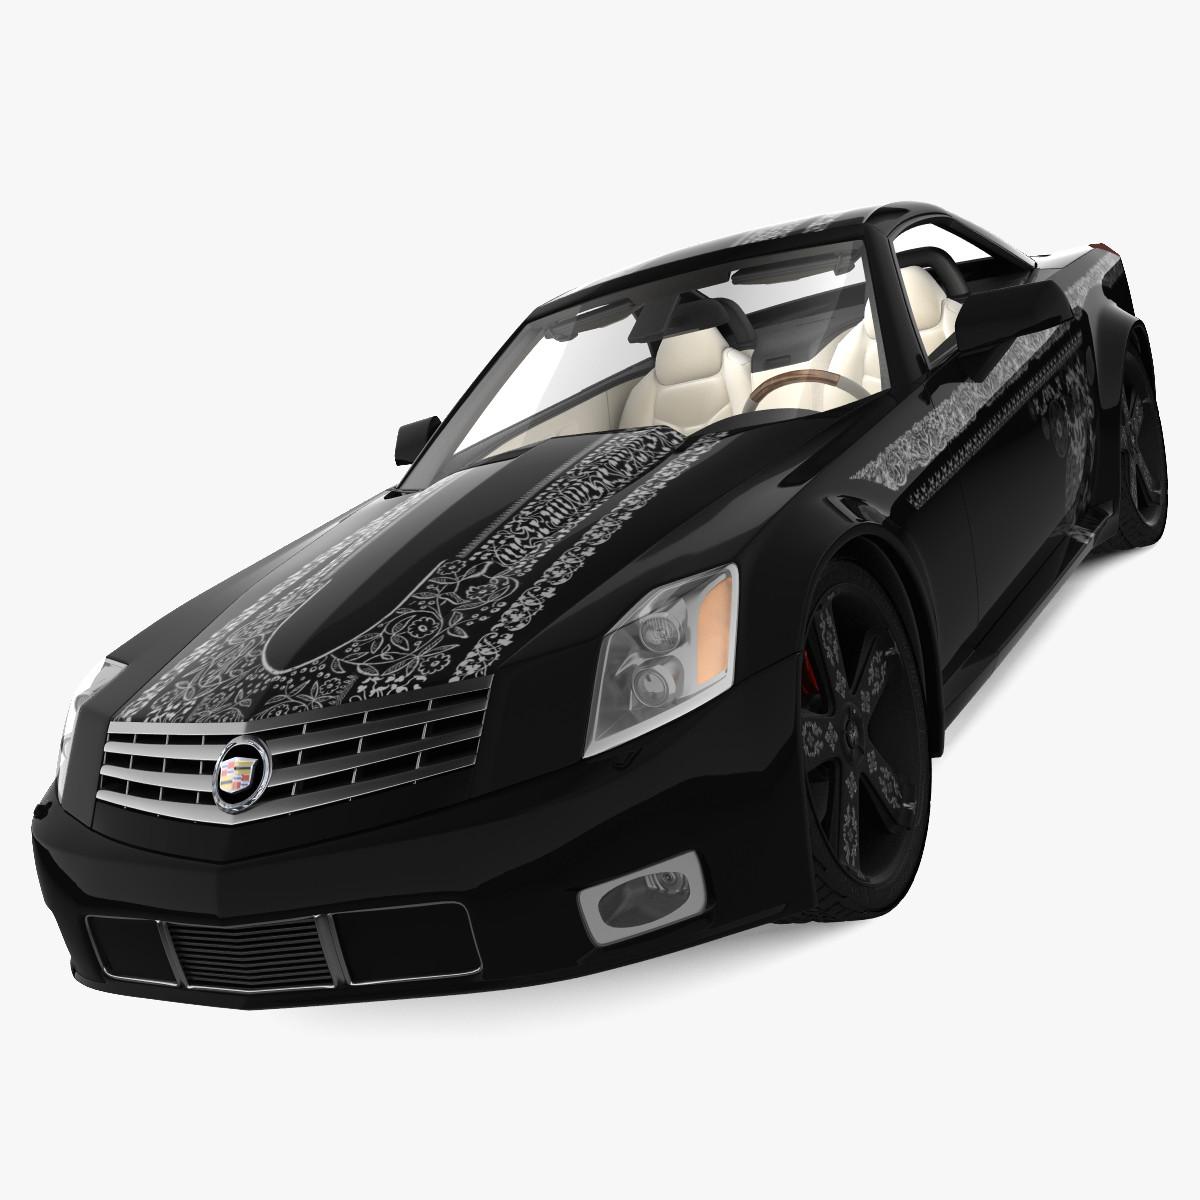 3d model cadillac xlr 2010 tuning